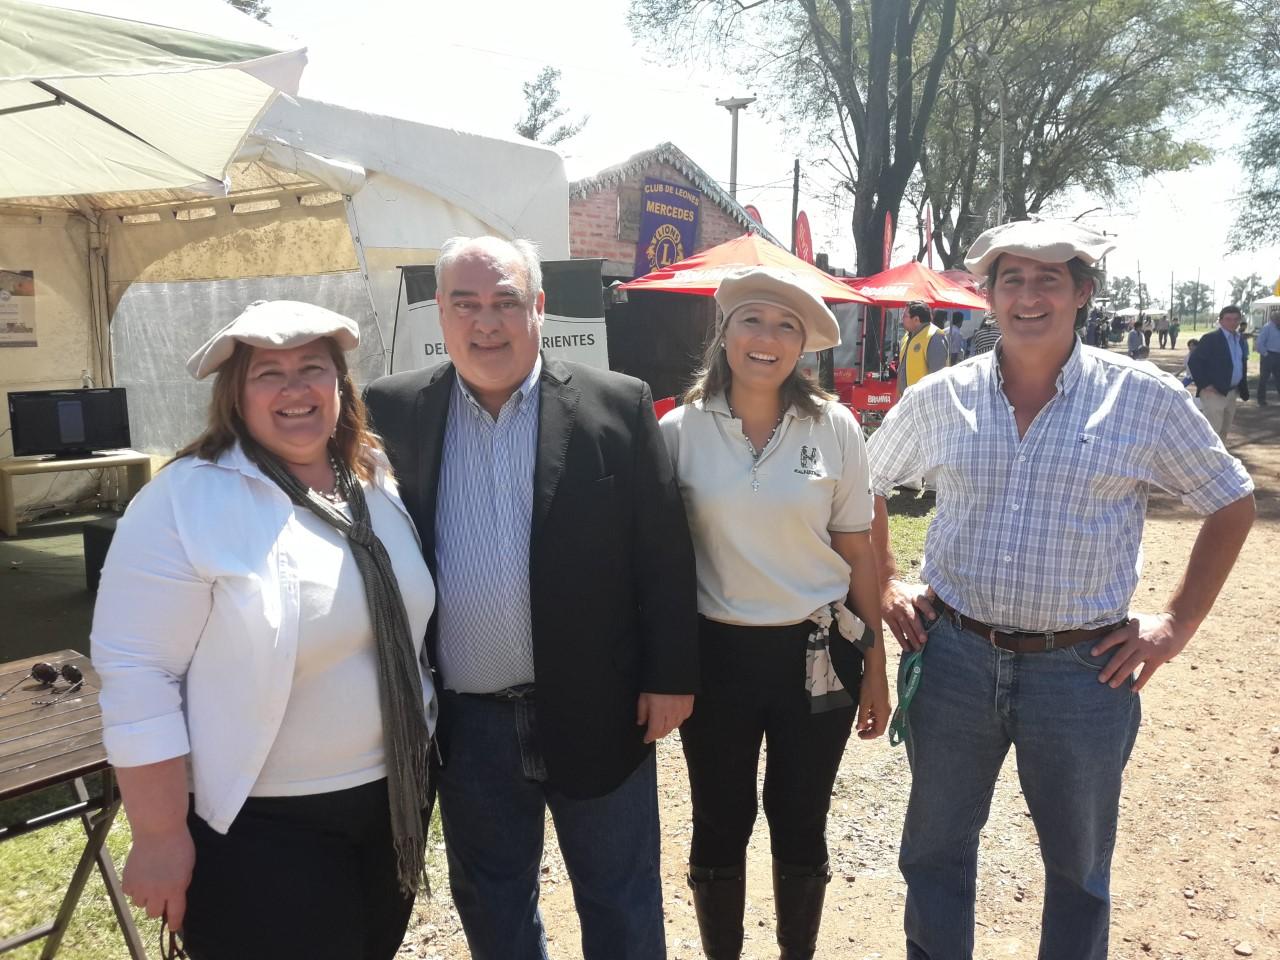 Exitosa participación en la expo rural de Mercedes